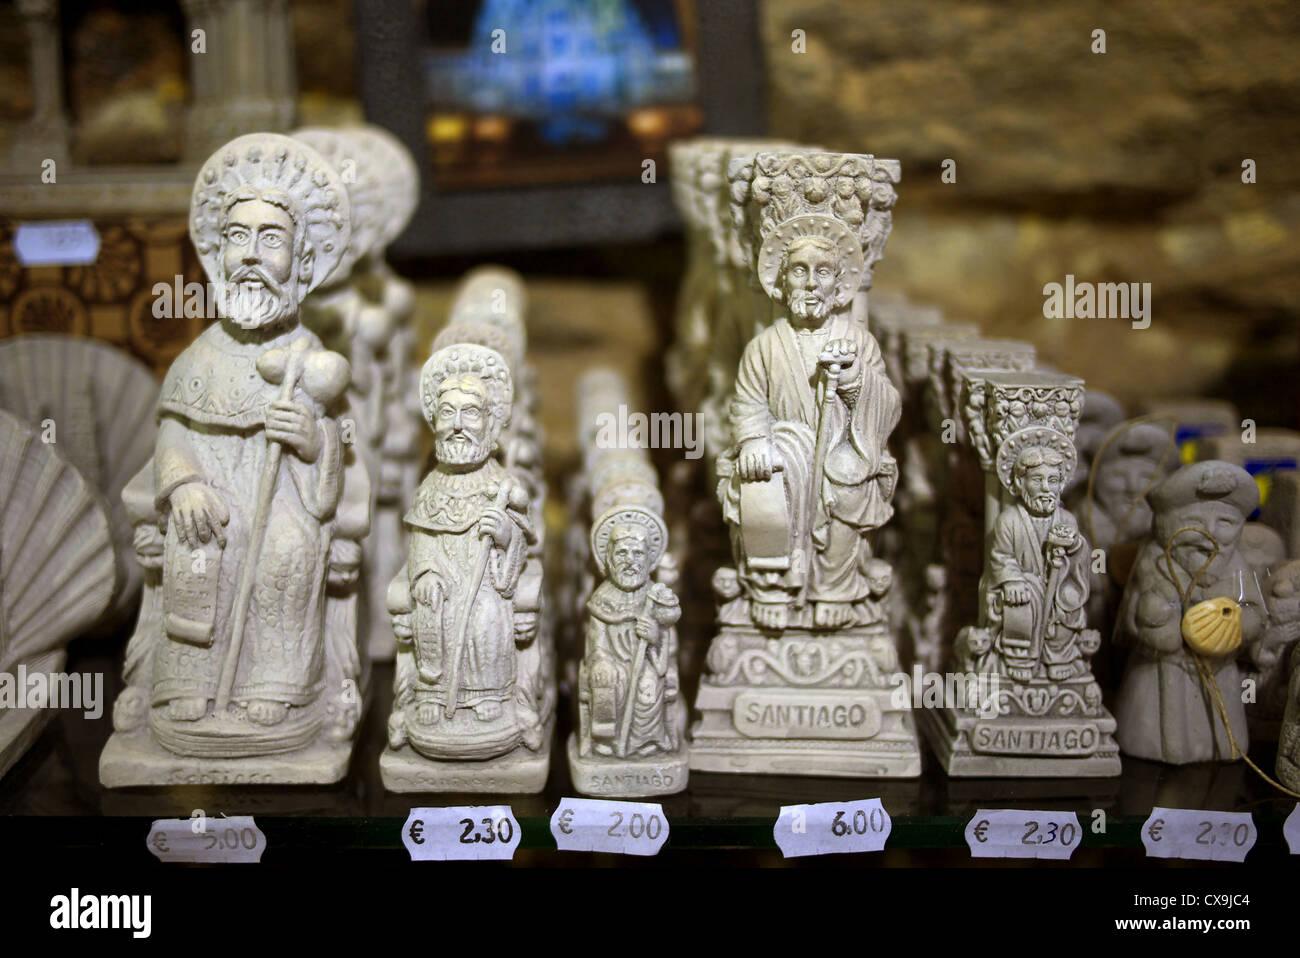 Santiago de Compostela, Spain. Figurines of St. James on sale in a souvenir shop. Stock Photo